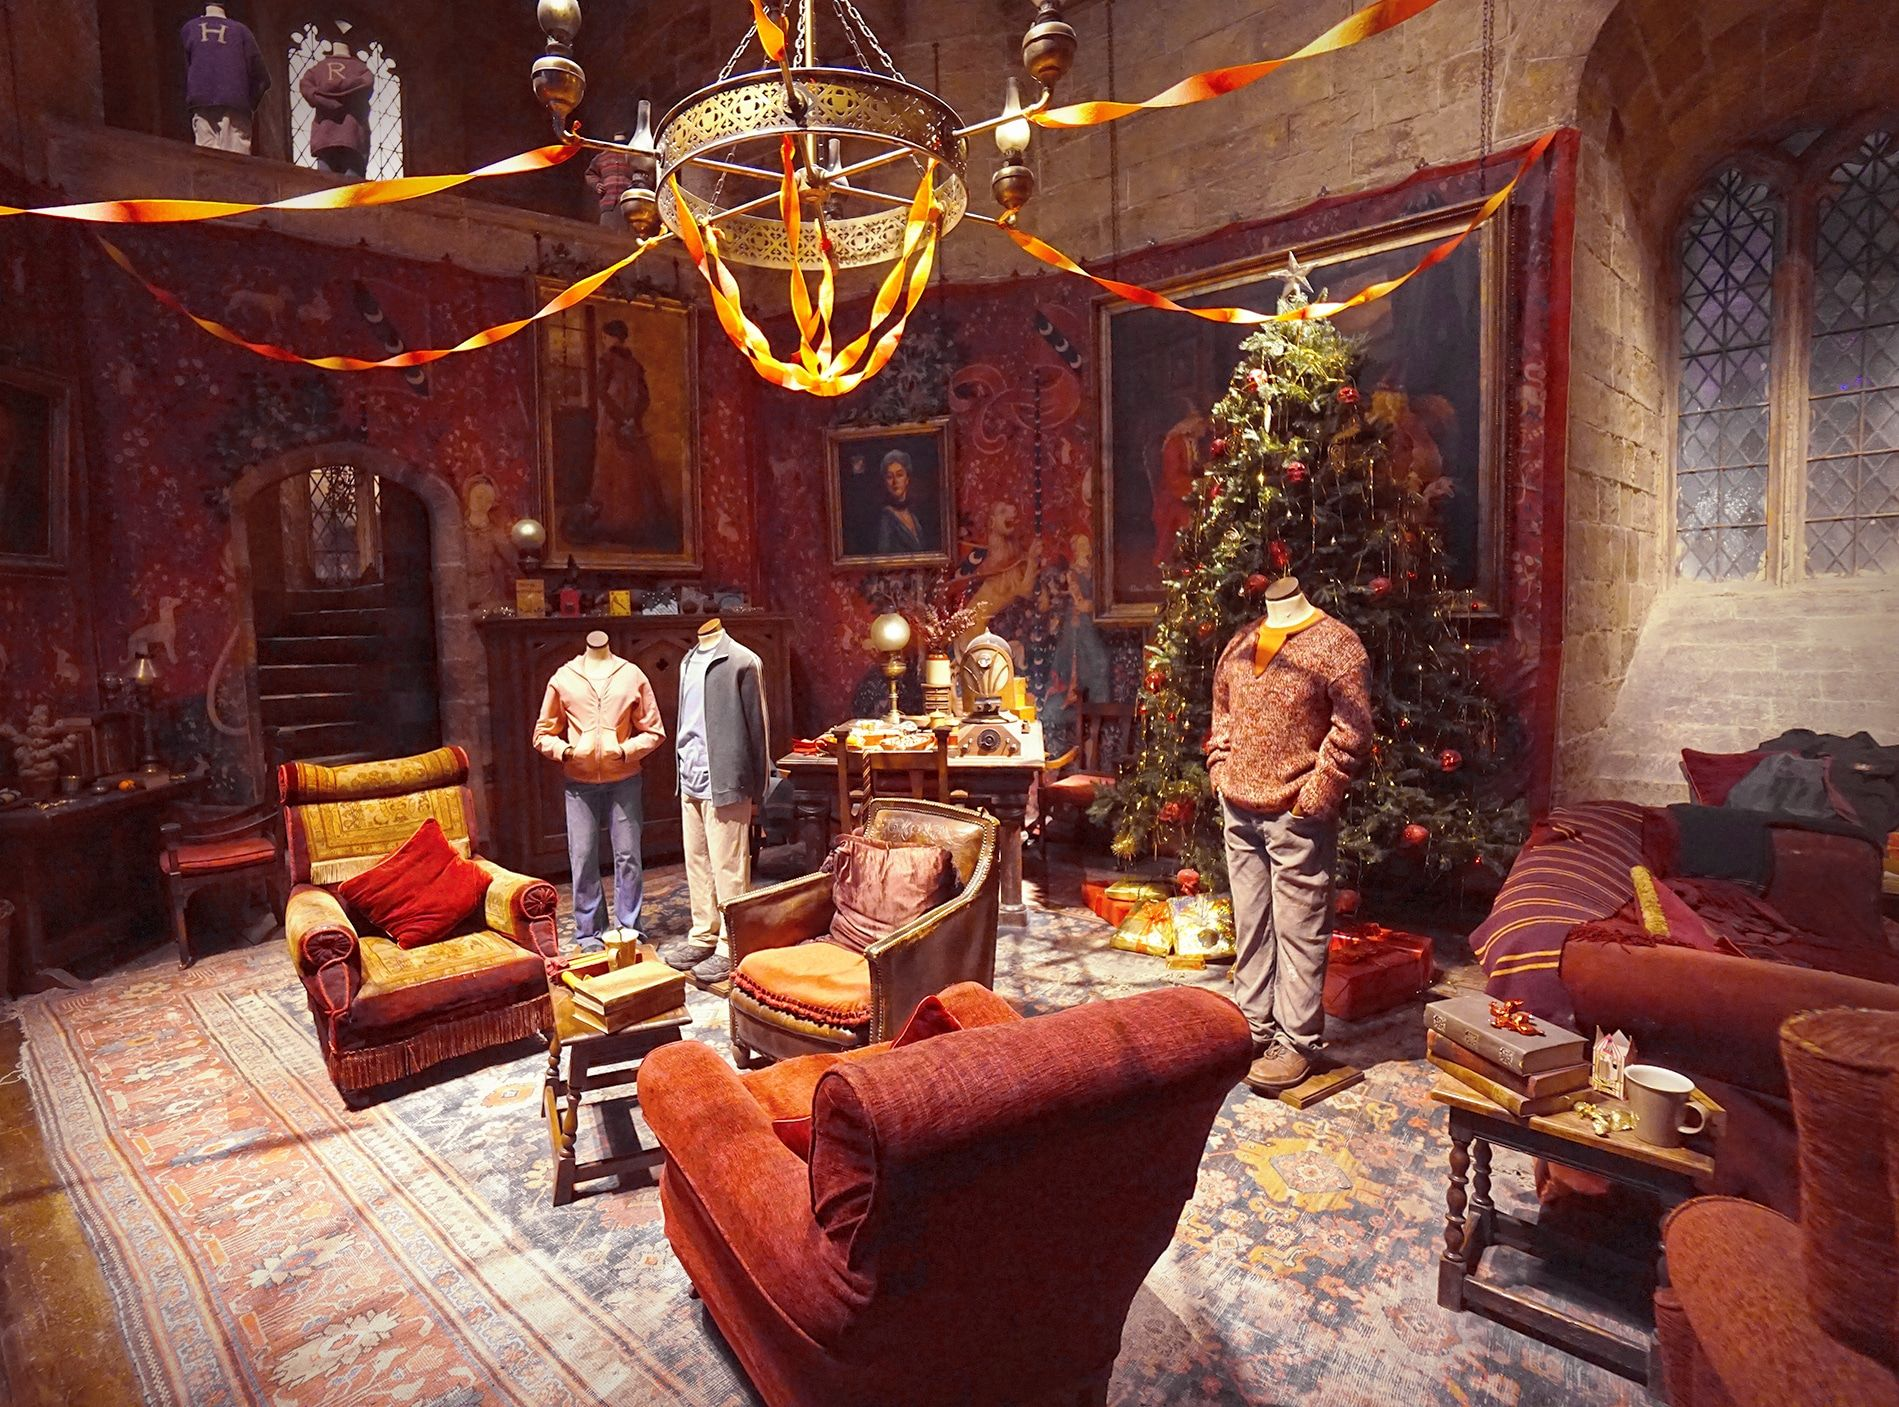 Bildergebnis Fur Gryffindor Gemeinschaftsraum Gryffindor Hogwarts Bilder